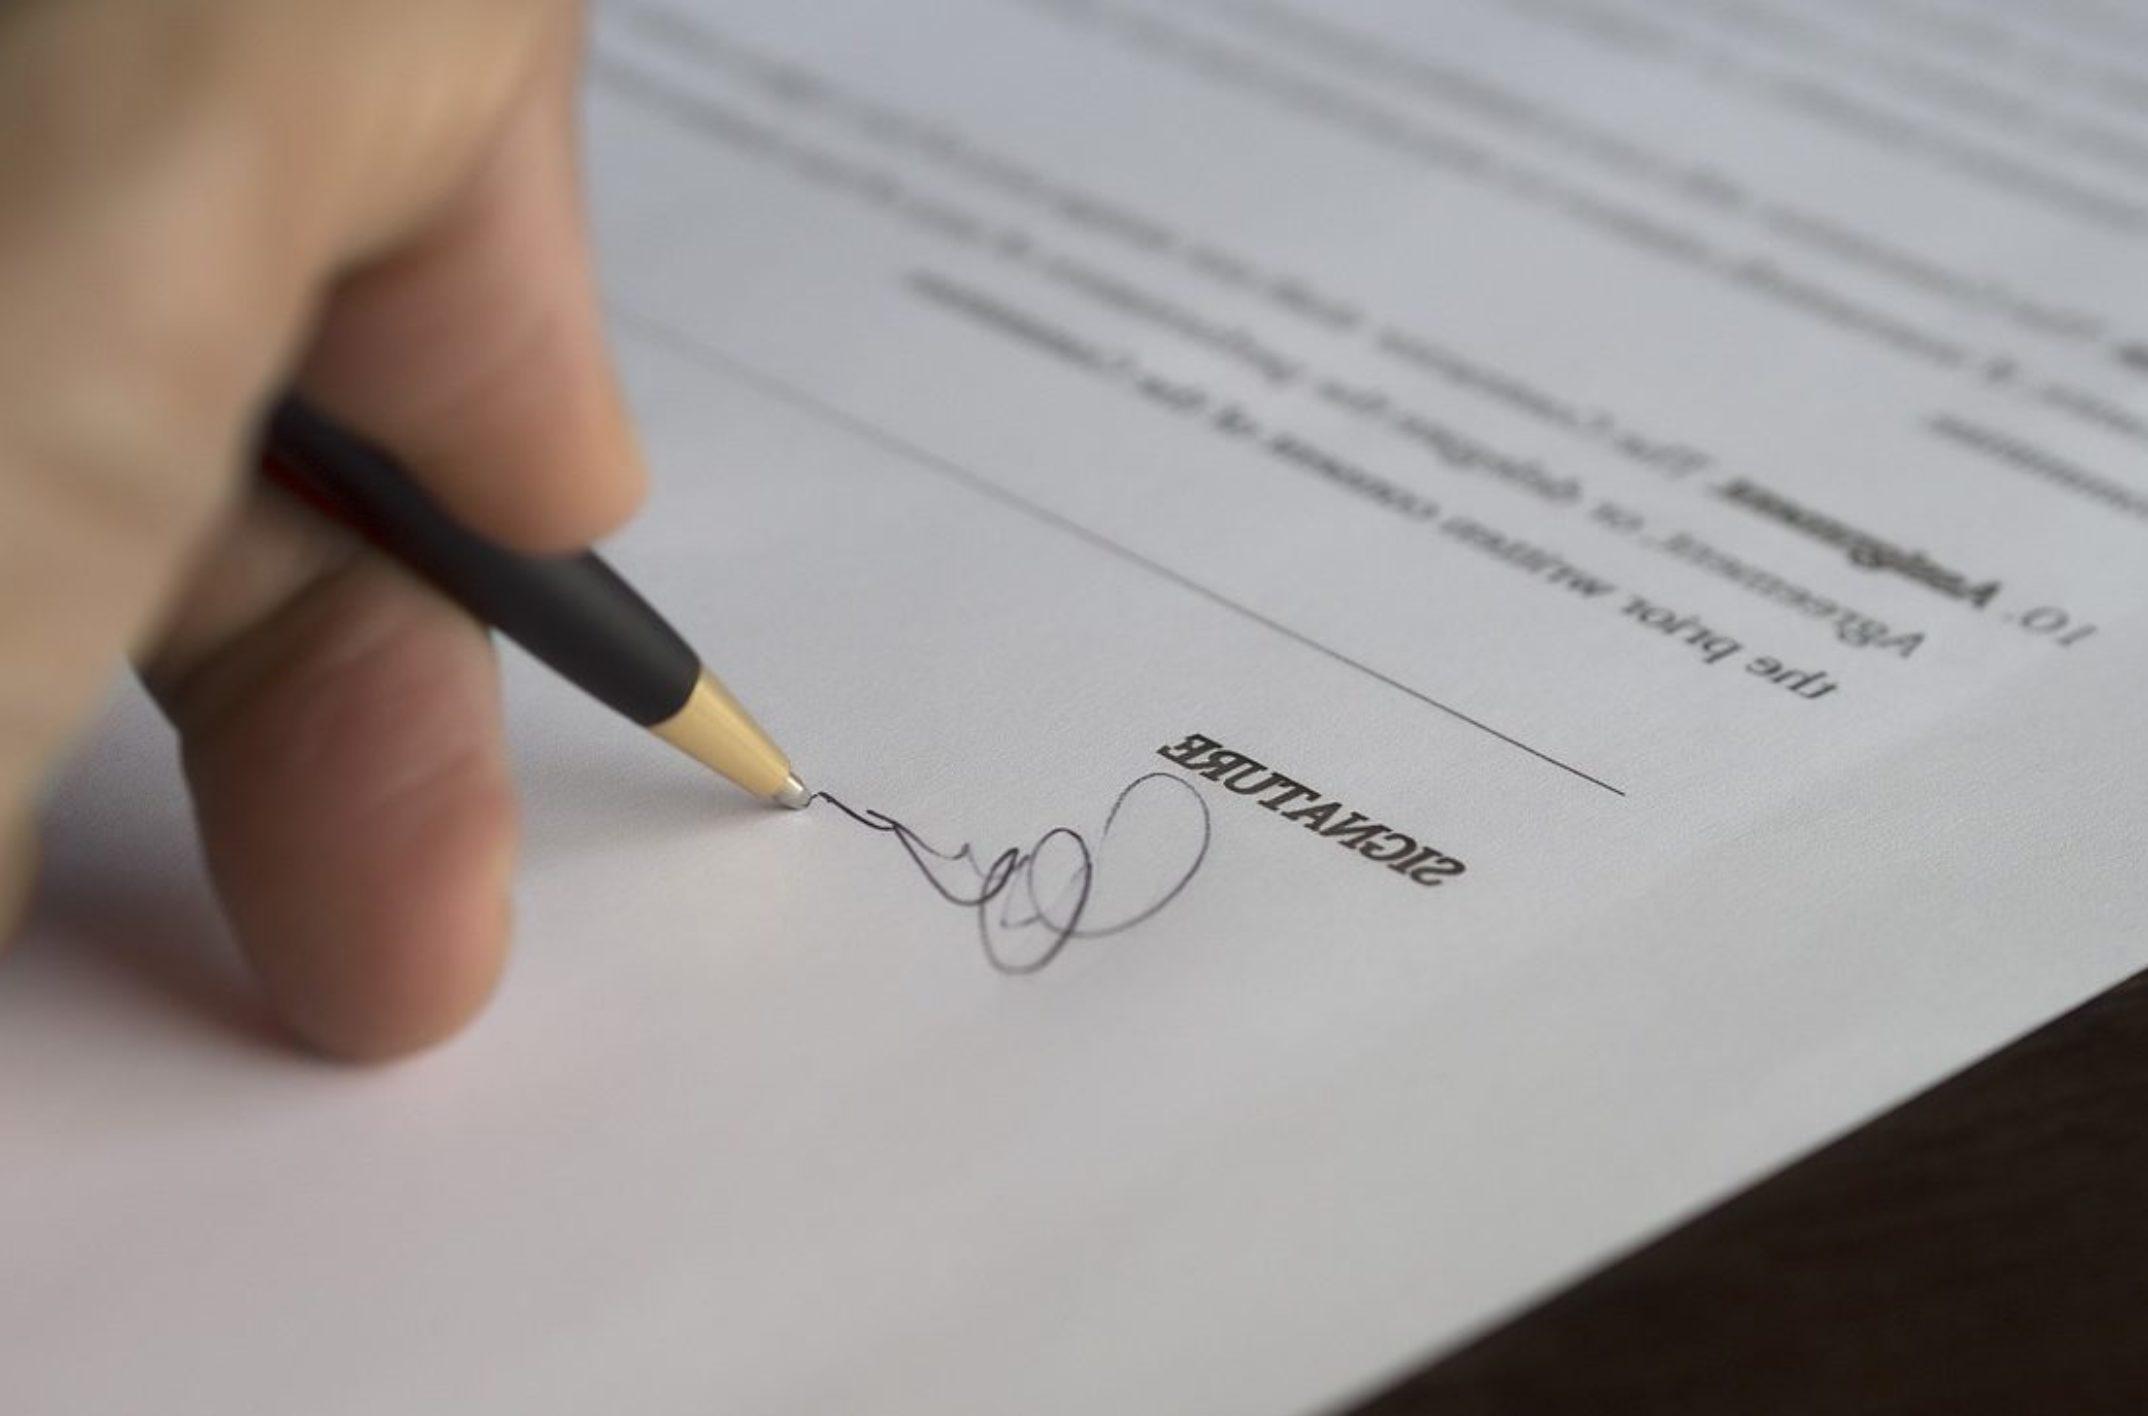 Comment obtenir un certificat de baptême?